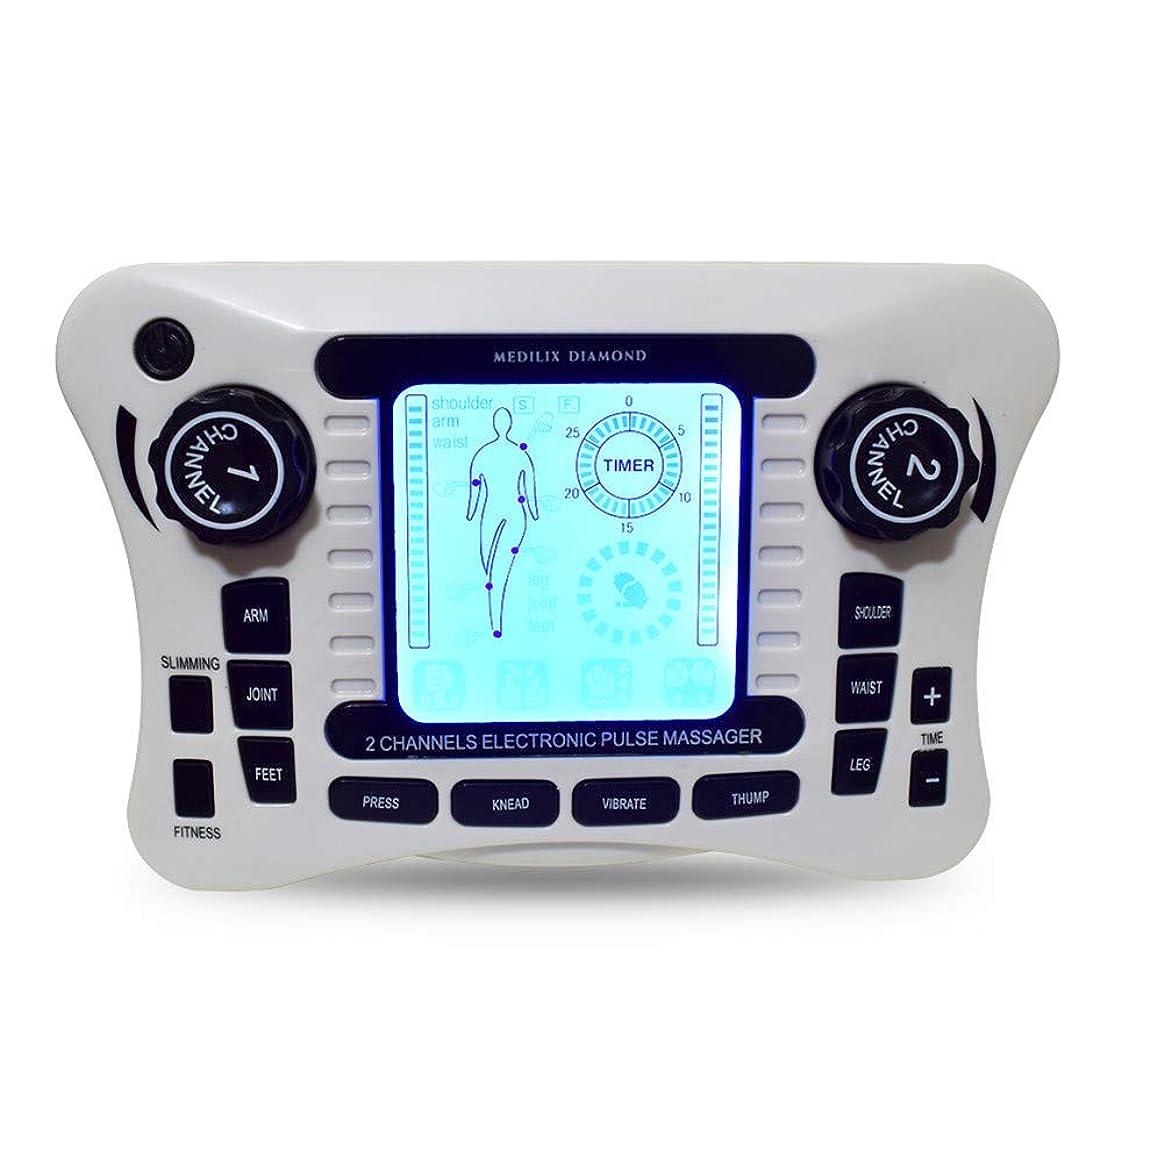 TENSマッサージャー、多機能ポータブル低周波理学療法器具、肩、腰、関節、手、足、脚の2チャンネルパルス鍼治療